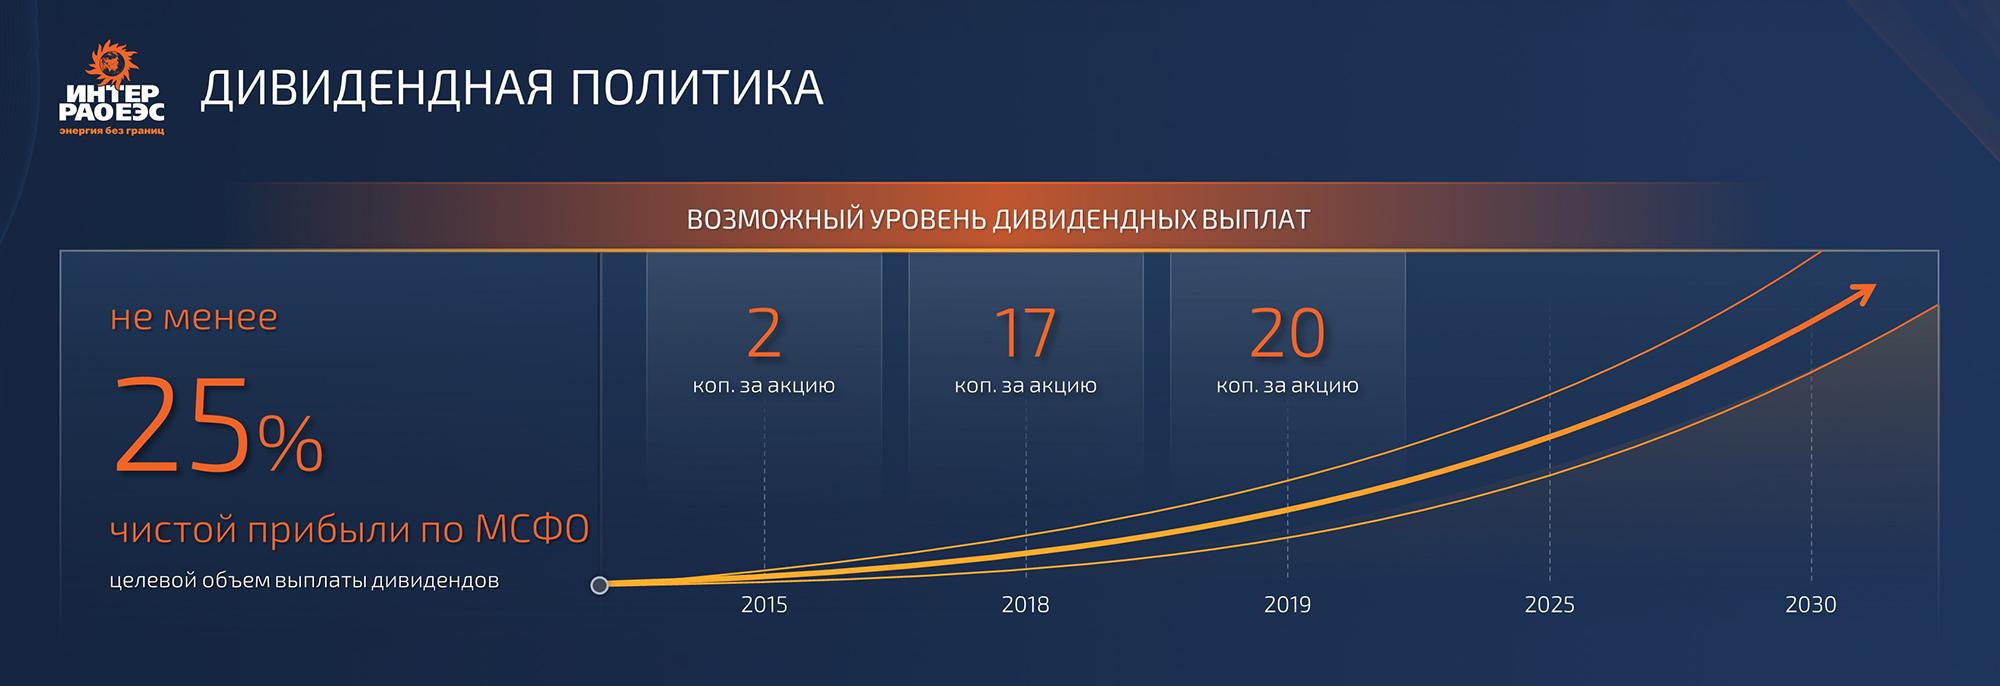 В презентации новой стратегии до 2030года менеджмент использует норму25% от чистой прибыли в качестве целевого ориентира на ближайшие годы. Источник: презентация стратегии «ИнтерРАО»2030, стр.61